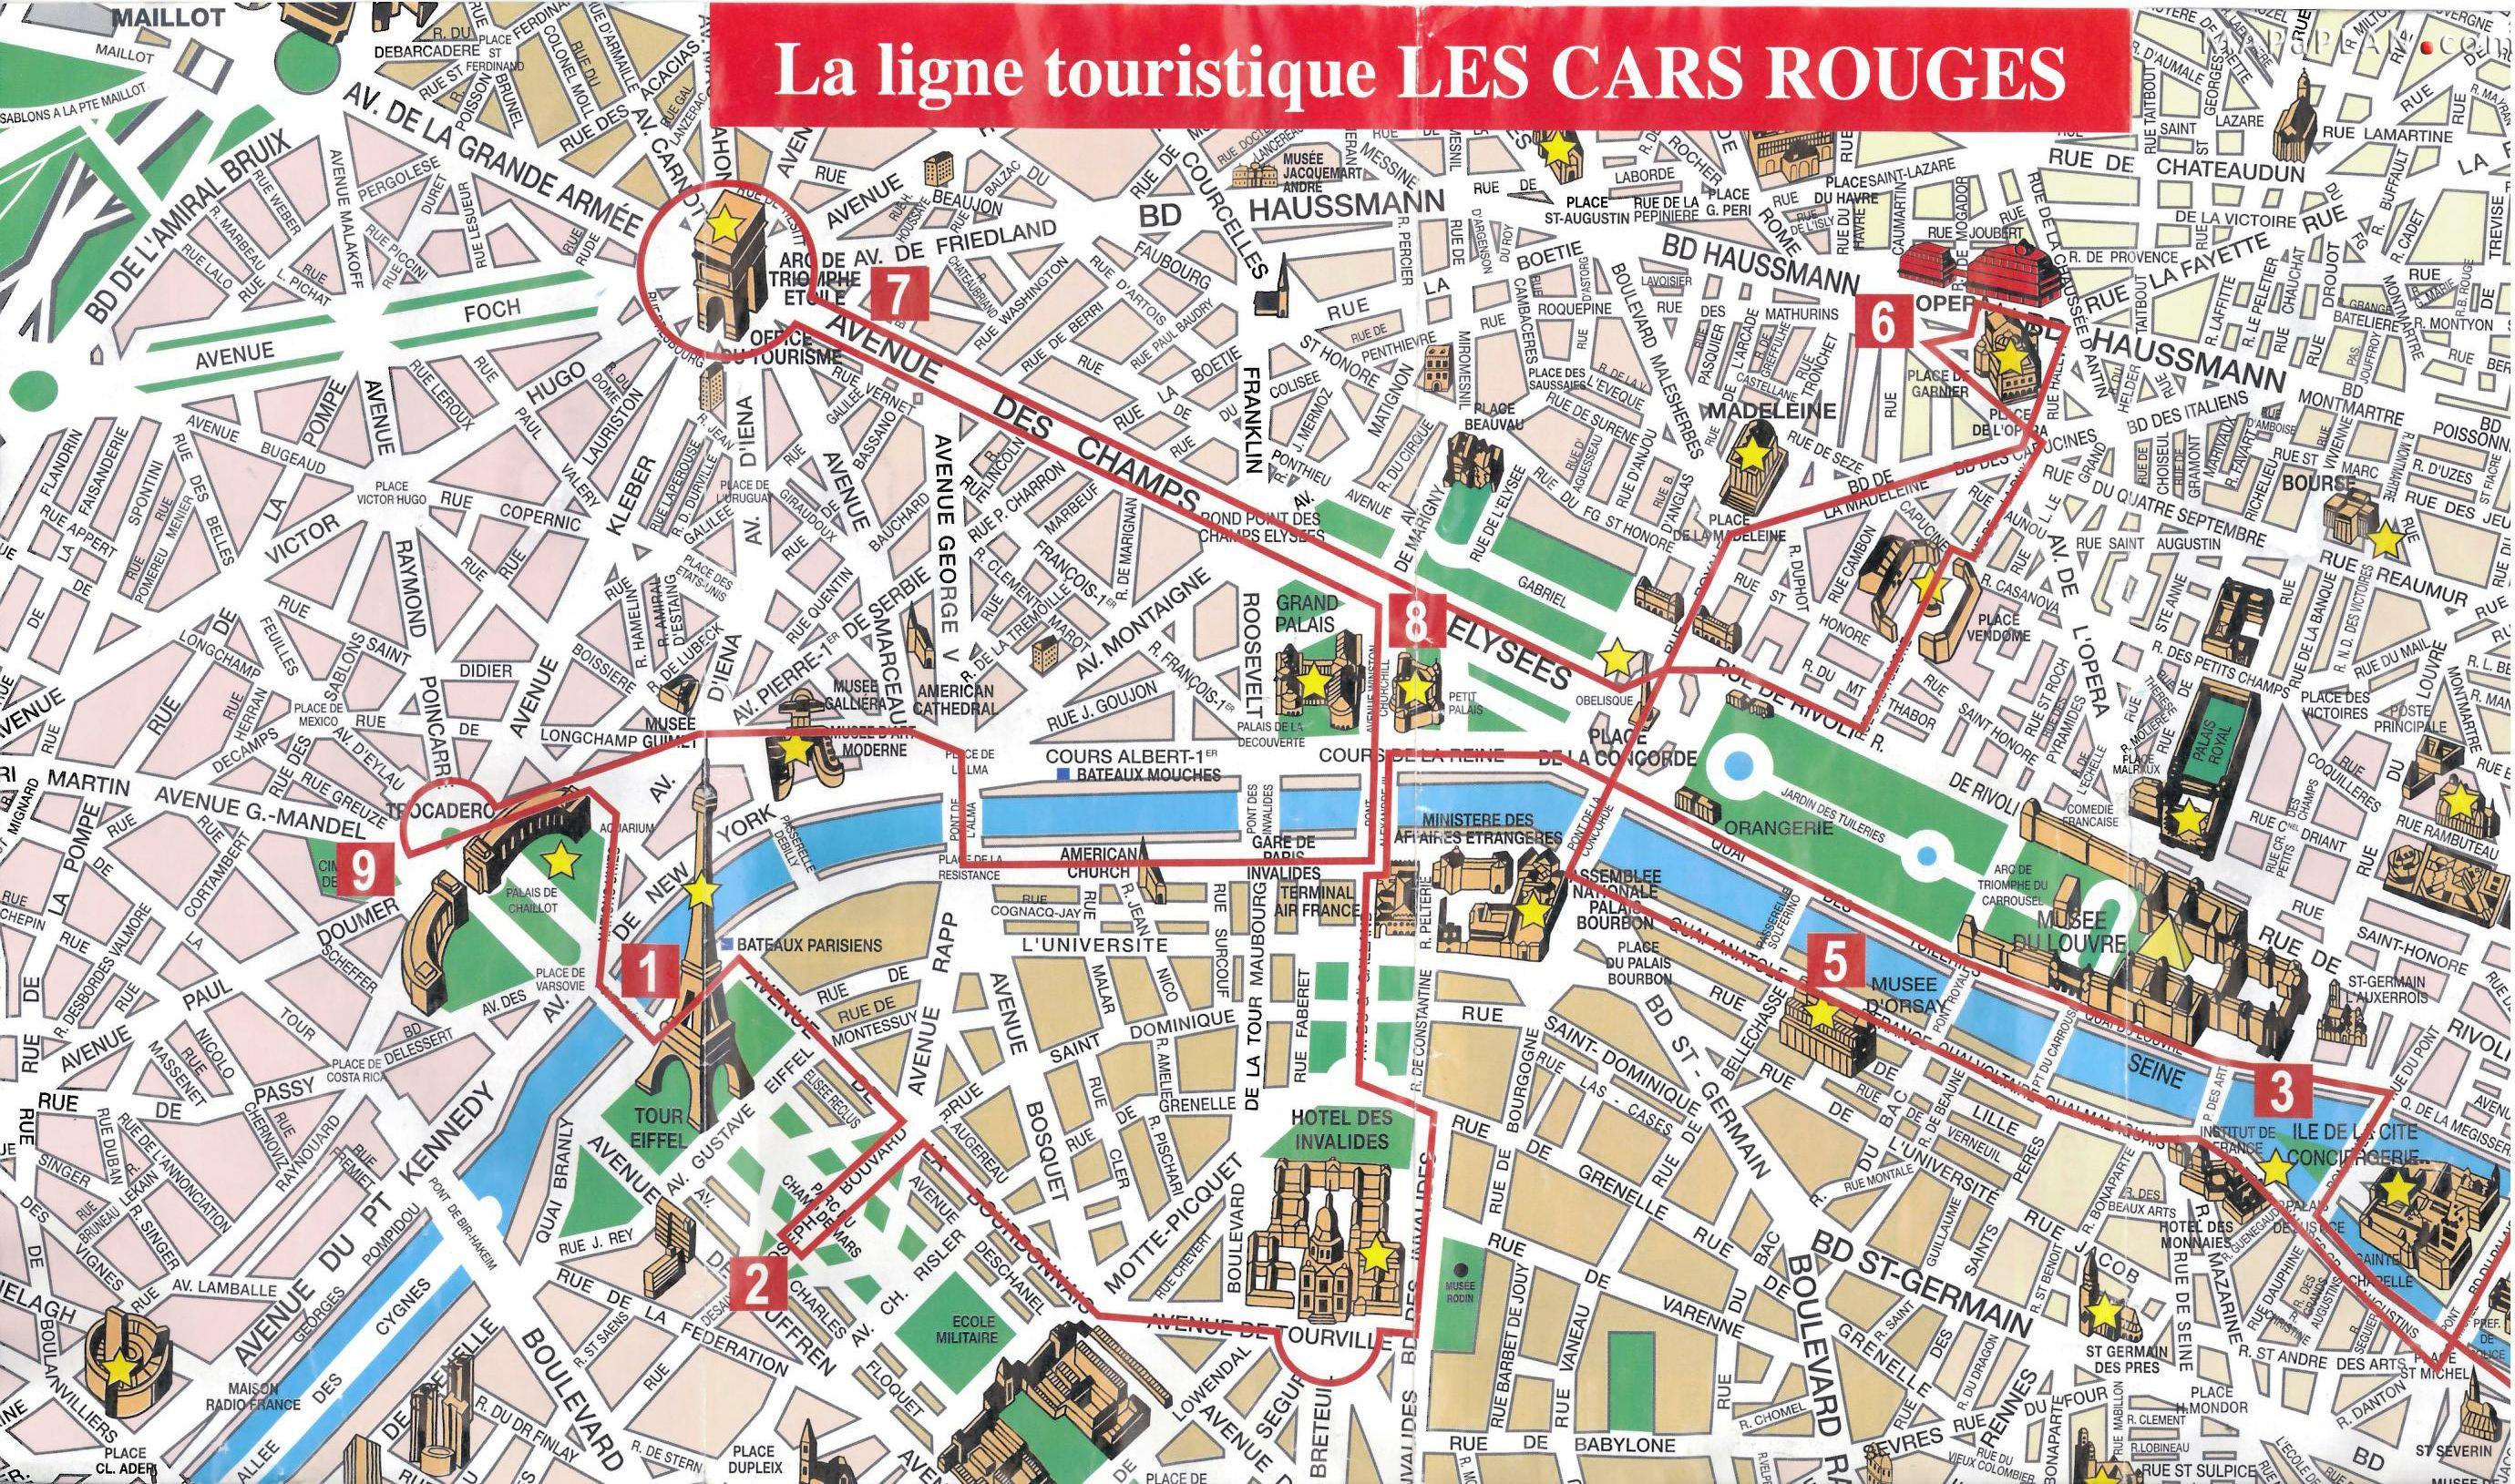 Paris Top Tourist Attractions Map 08 City Sightseeting Route Planner - Paris Tourist Map Printable